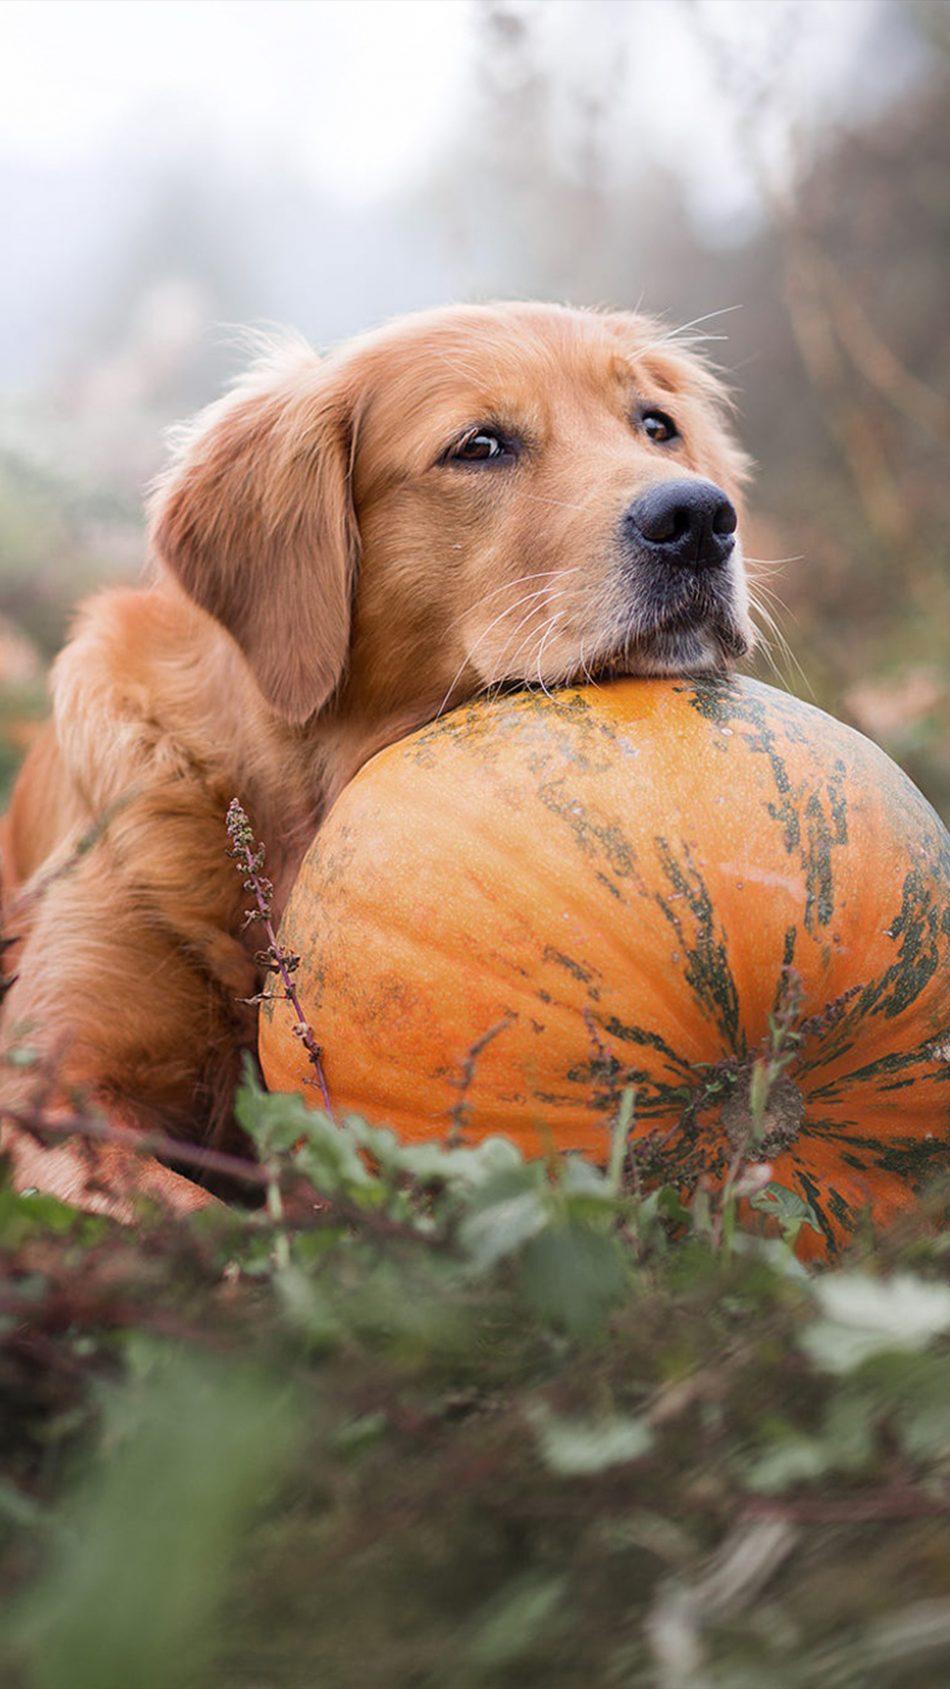 Download Golden Retriever Pet Dog Pumpkin Free Pure 4k Ultra Hd